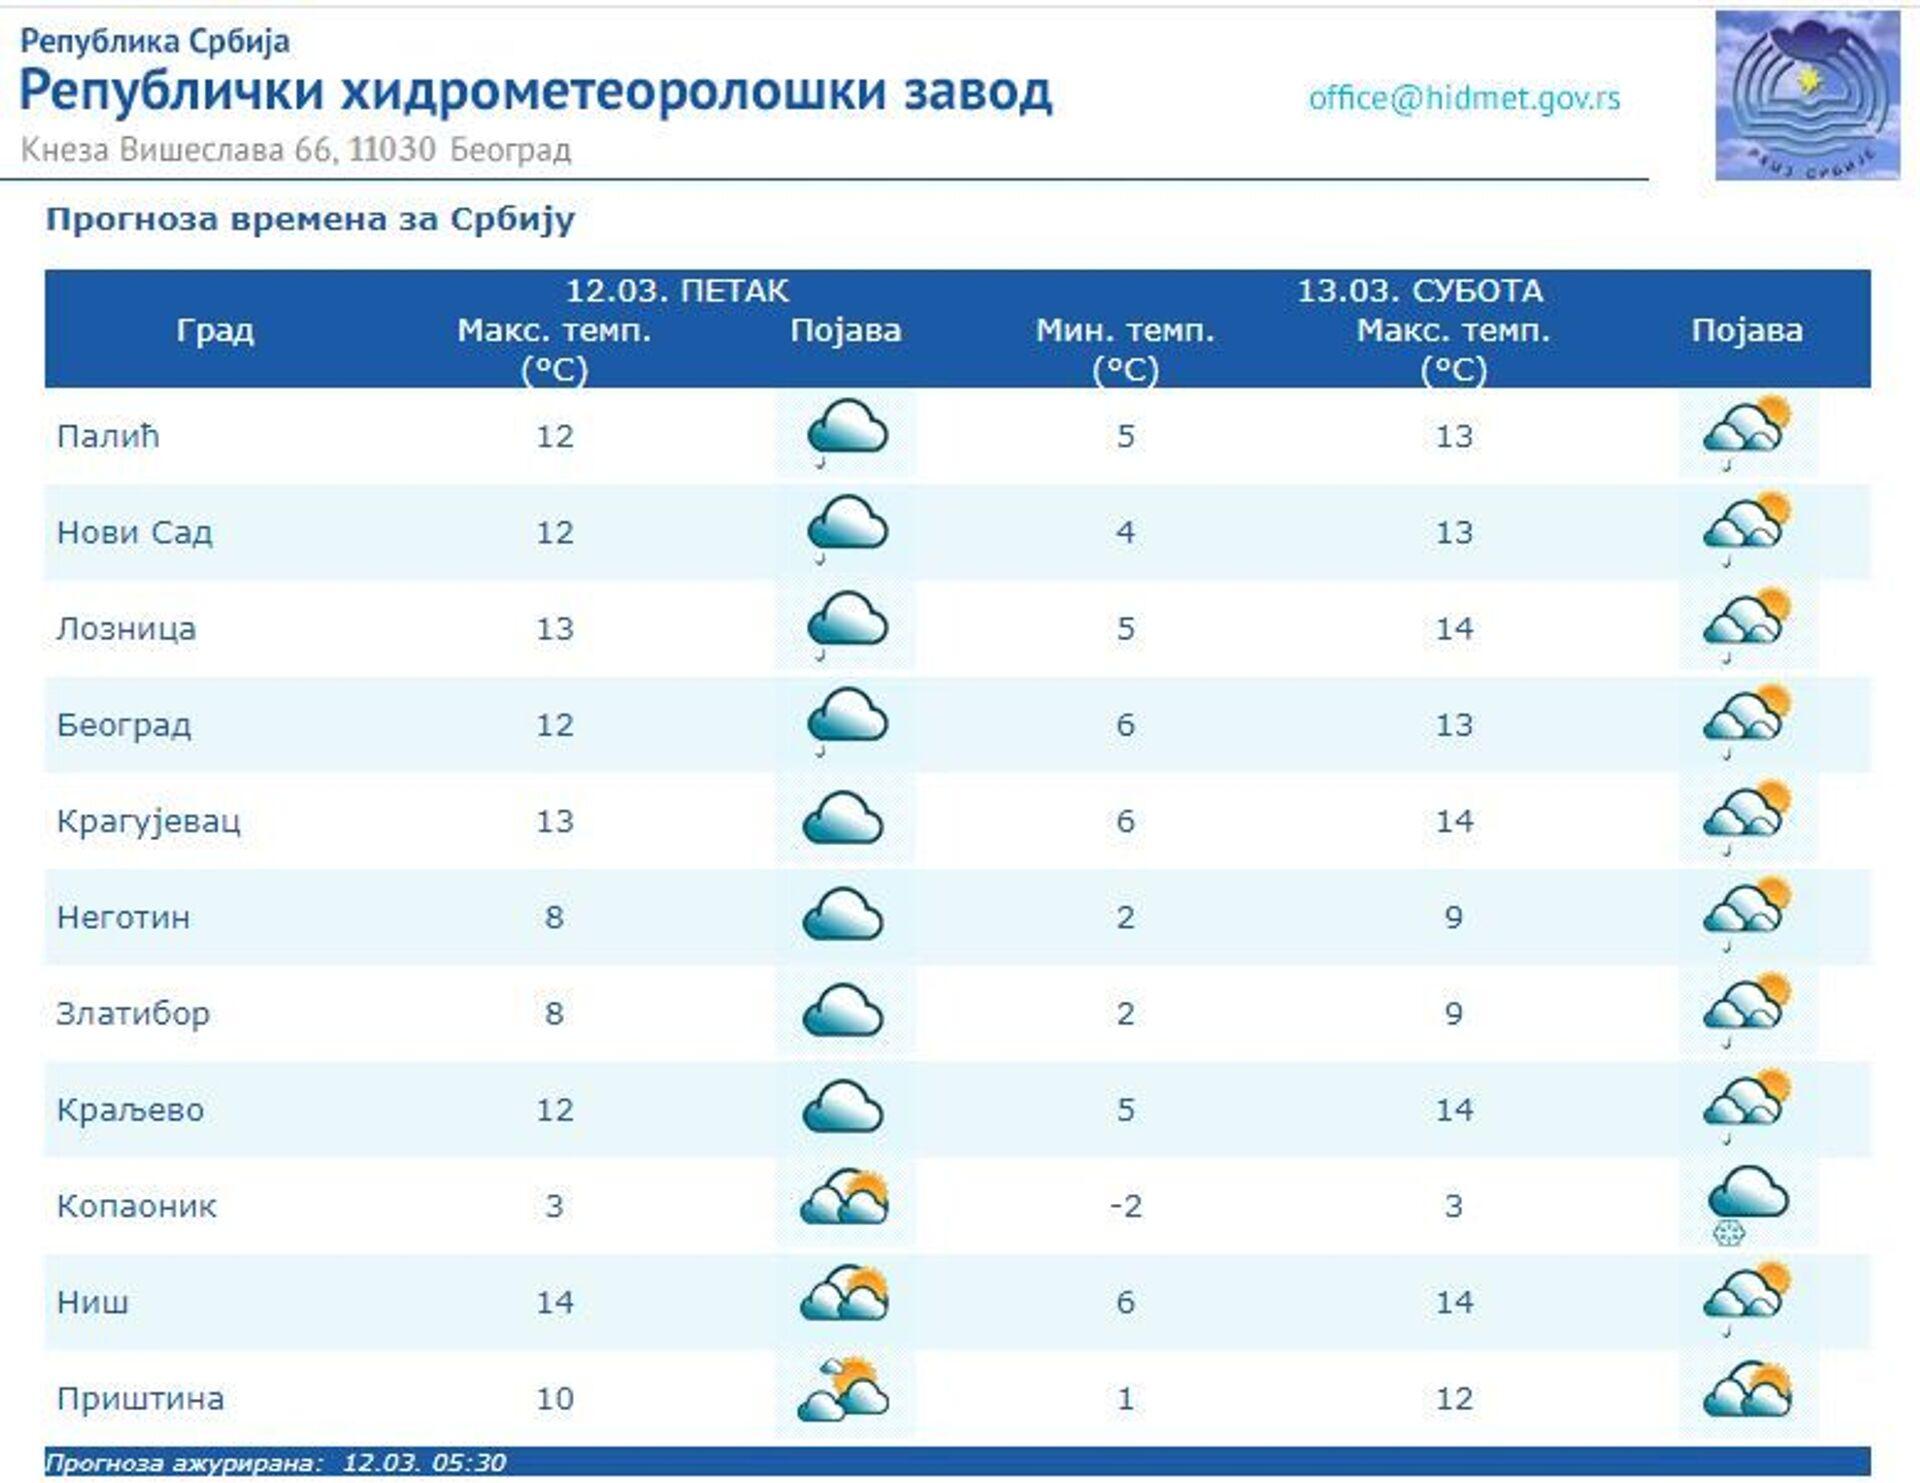 Време данас: Наоблачење, киша, до 14 степени, сутра мало топлије - Sputnik Србија, 1920, 12.03.2021